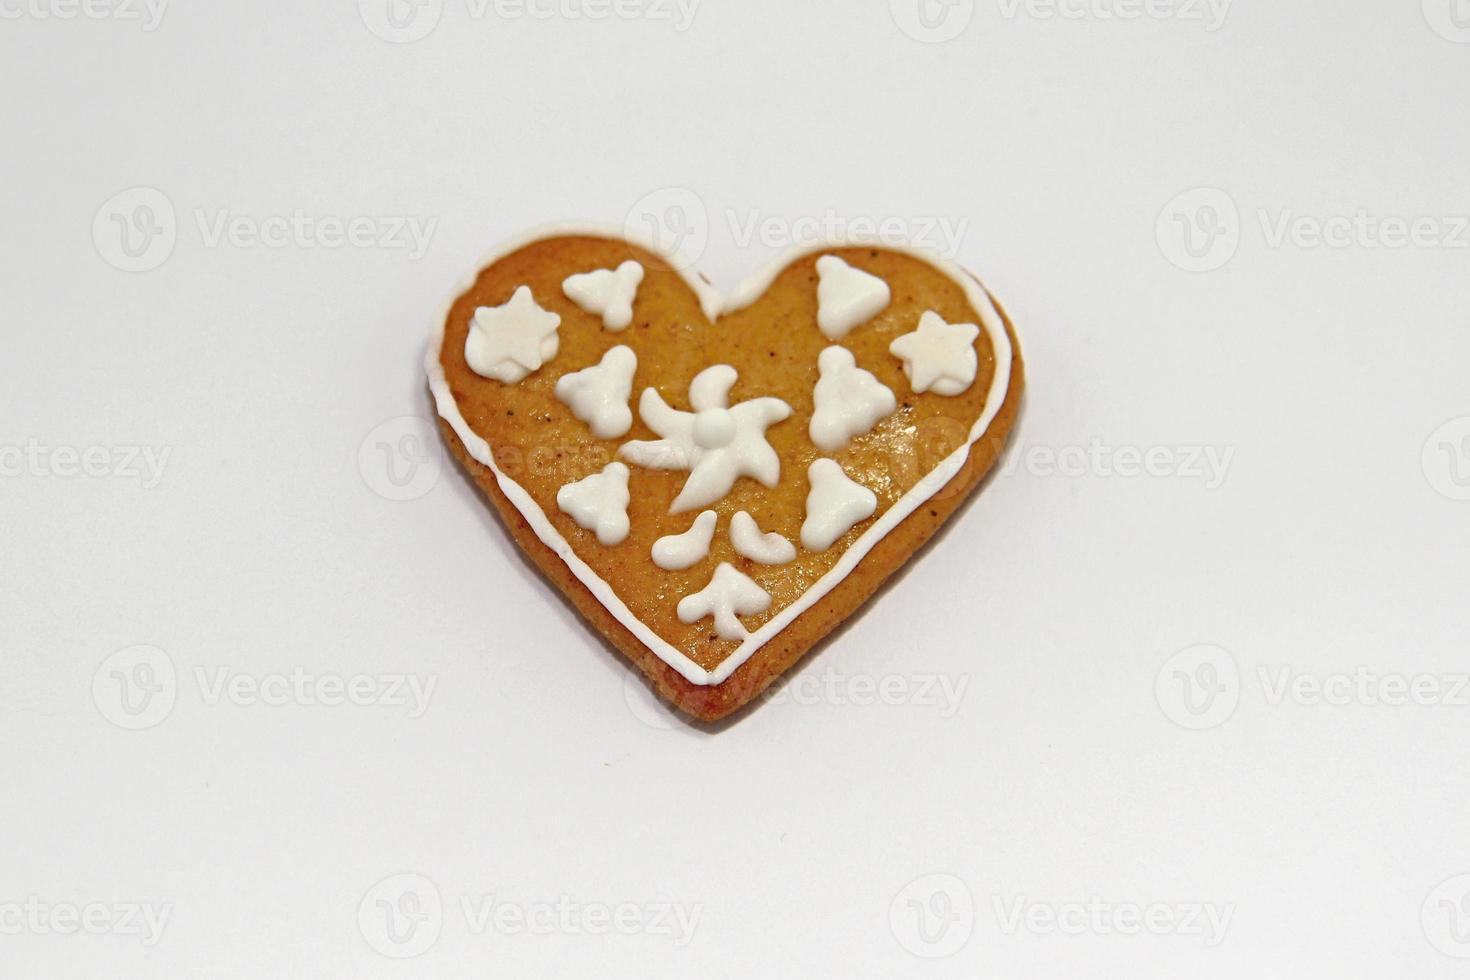 galletas de pan de jengibre de navidad foto